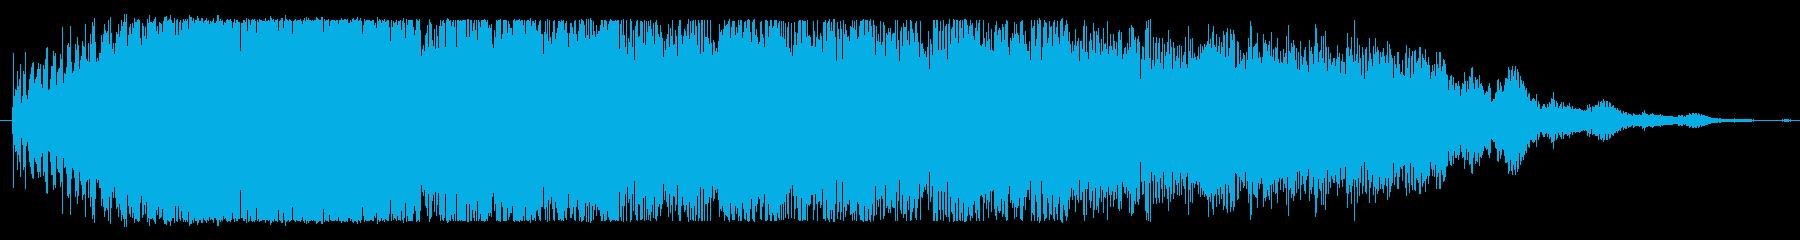 フィクション スペース ジェットエ...の再生済みの波形